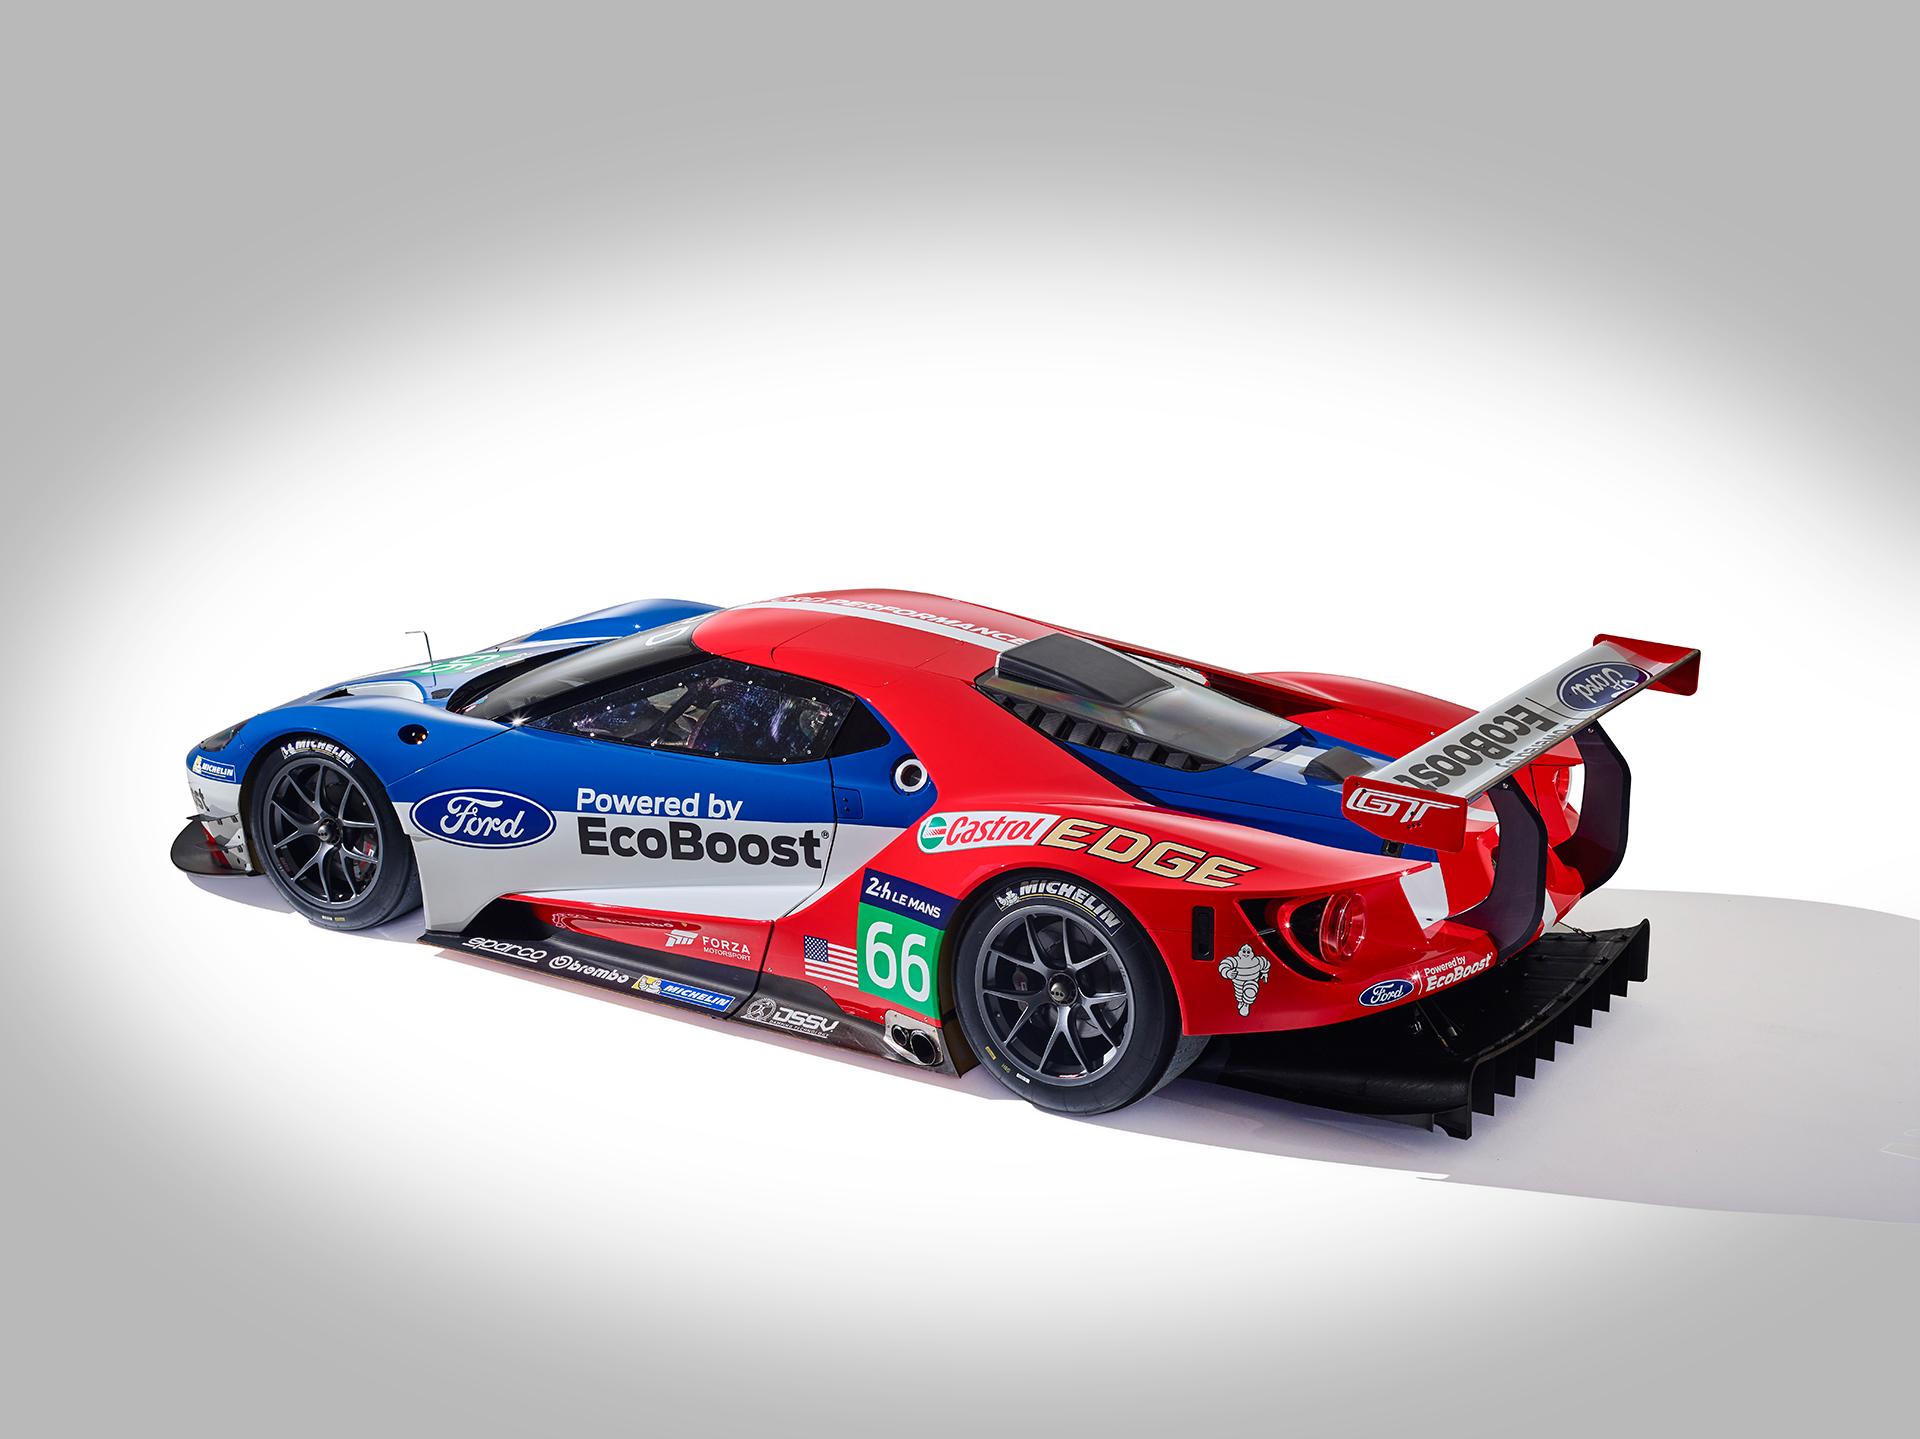 Ford GT LeMans Race Car 2016 - profil arrière / rear